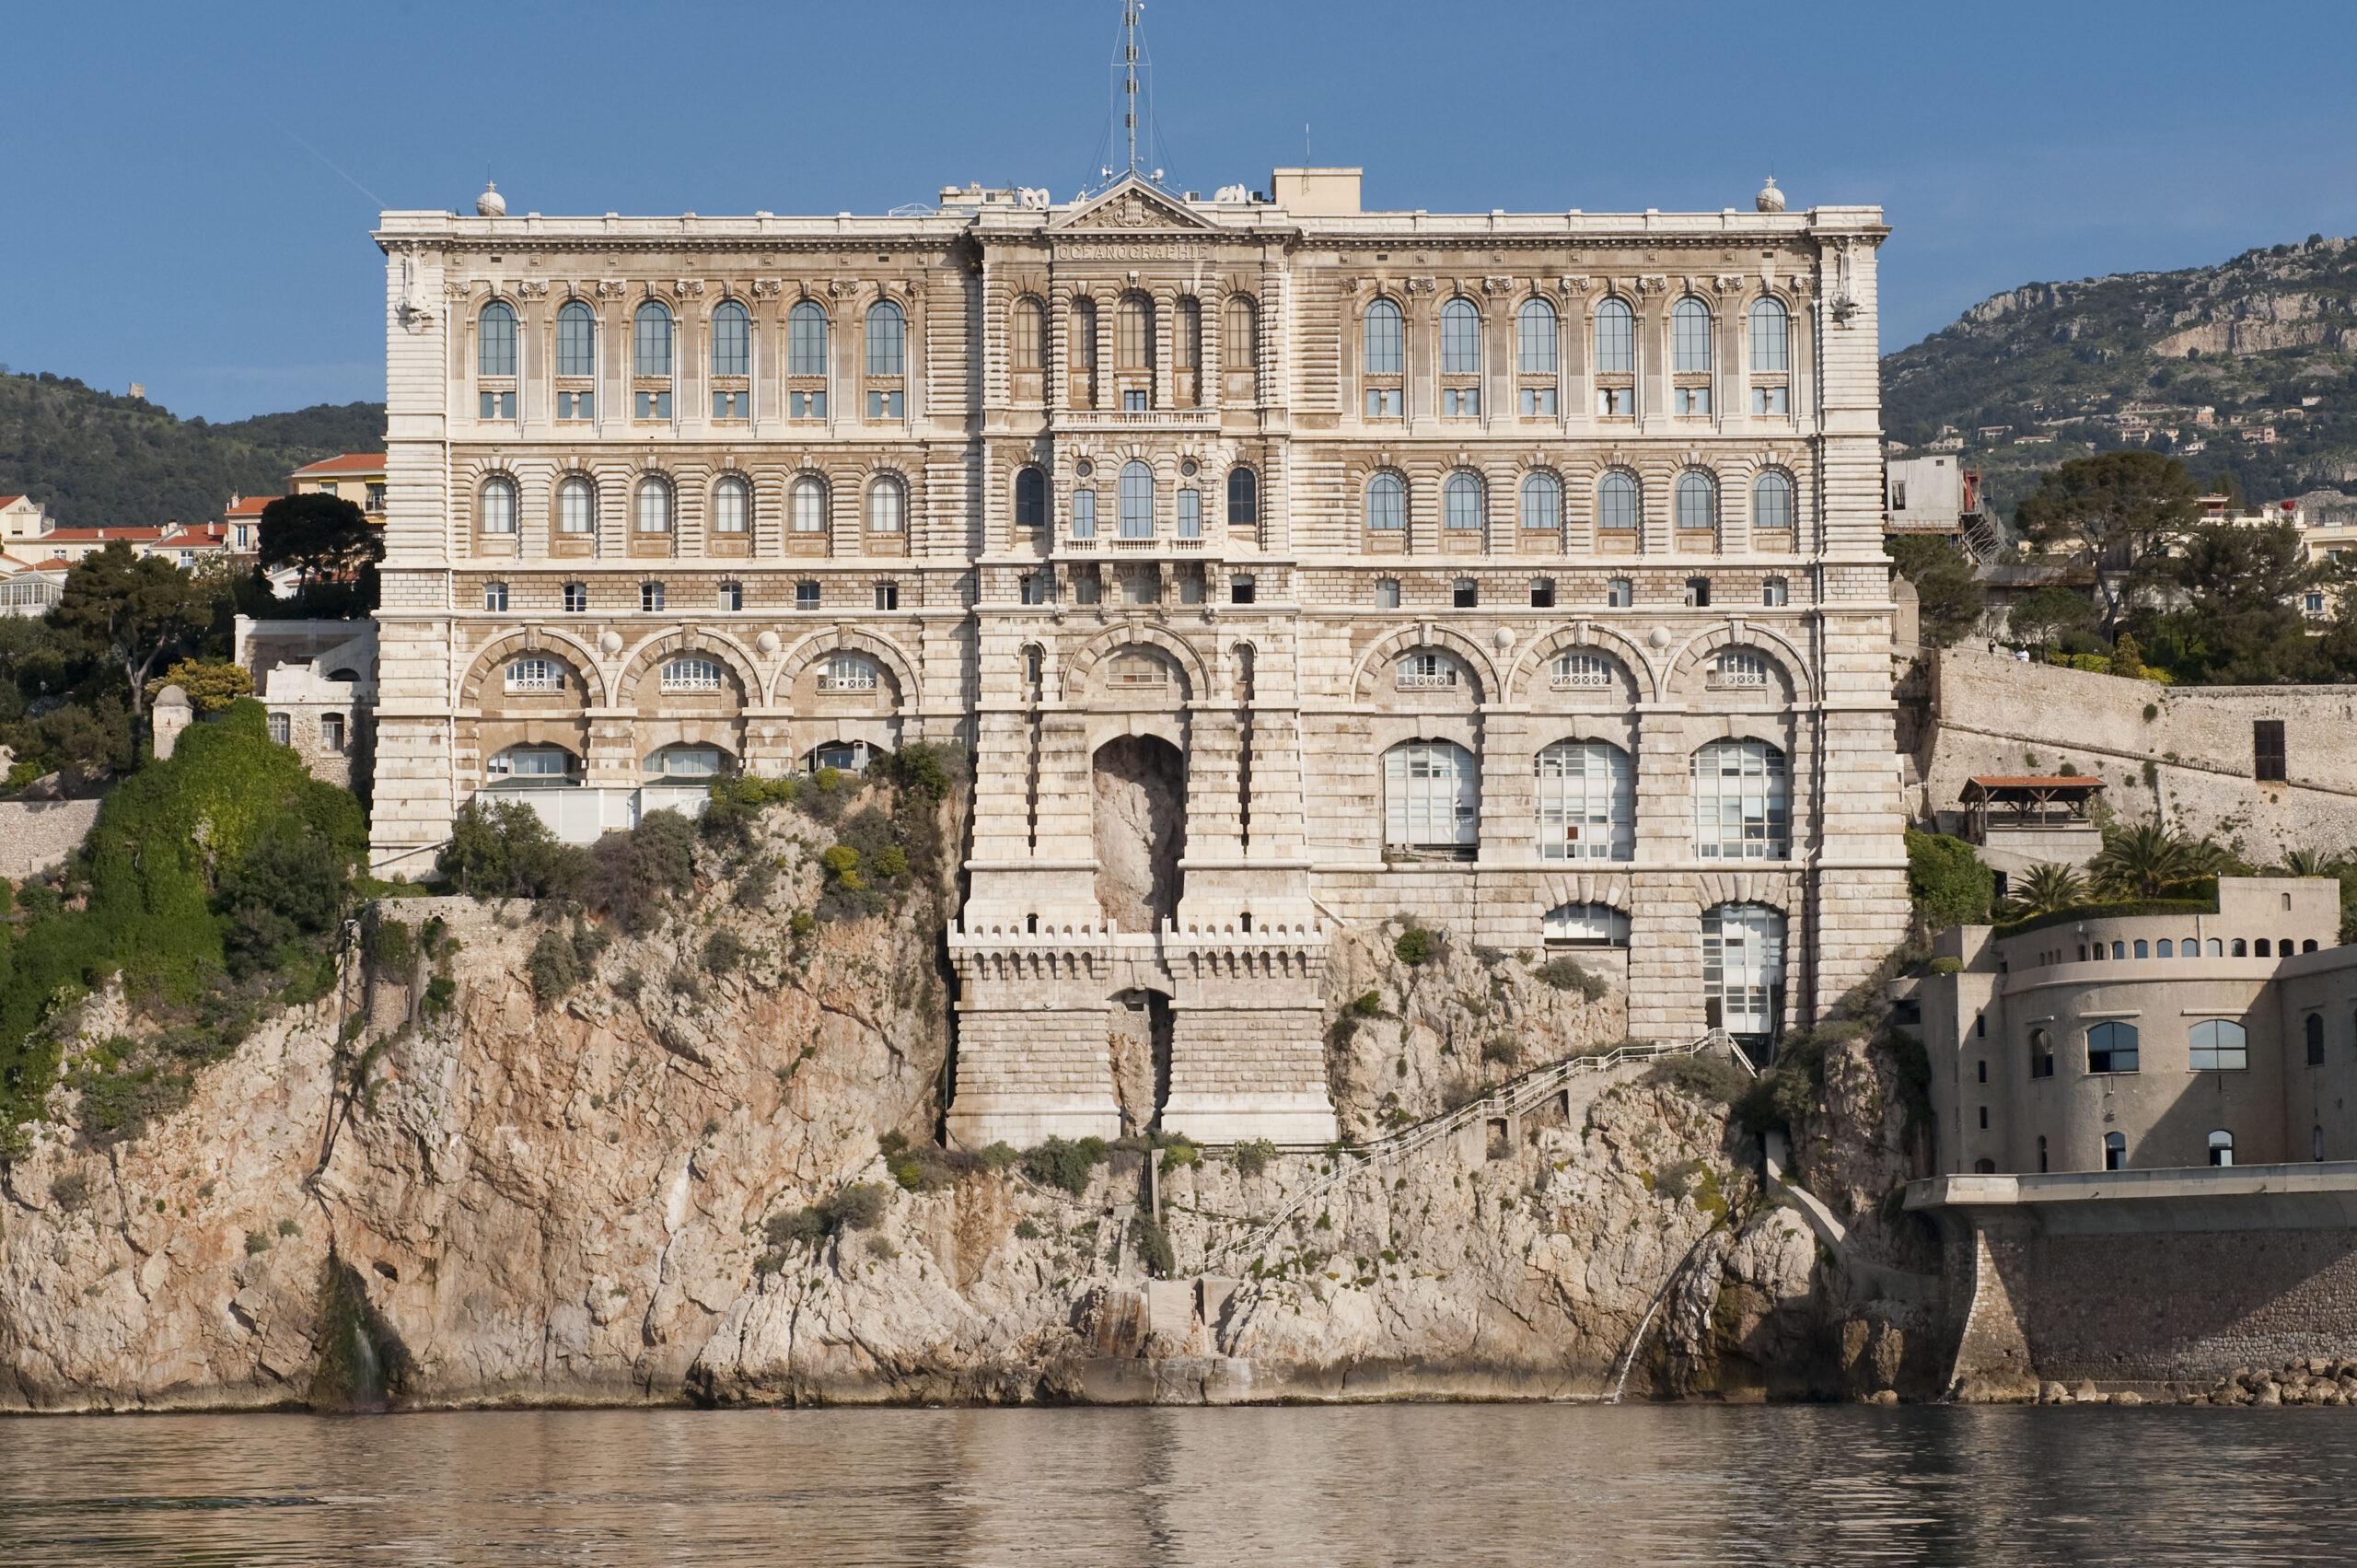 Facade du MusŽe ocŽanographique de Monaco